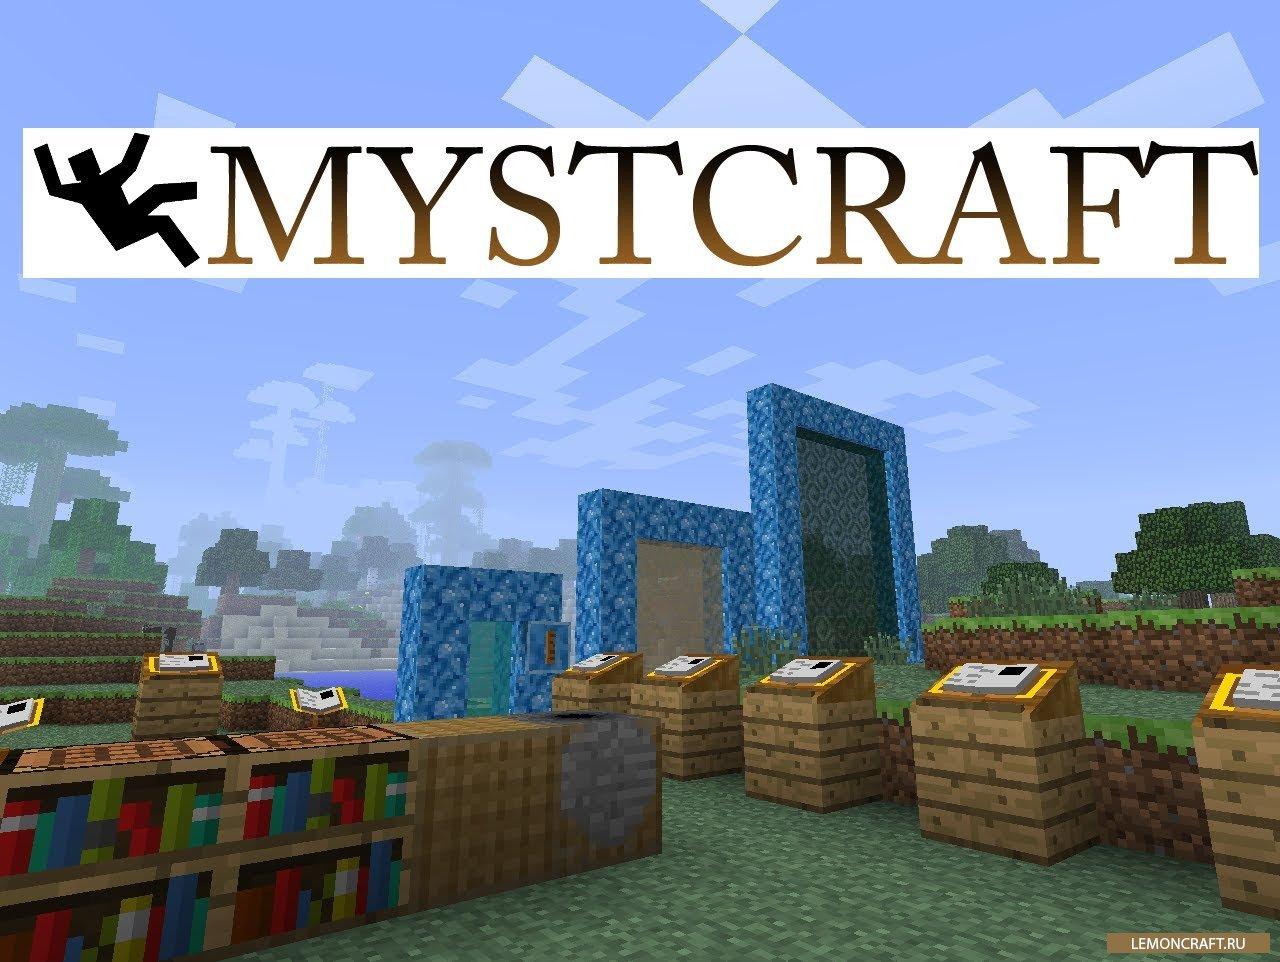 Мод на новые миры Mystcraft [1.12.2] [1.11.2] [1.7.10]